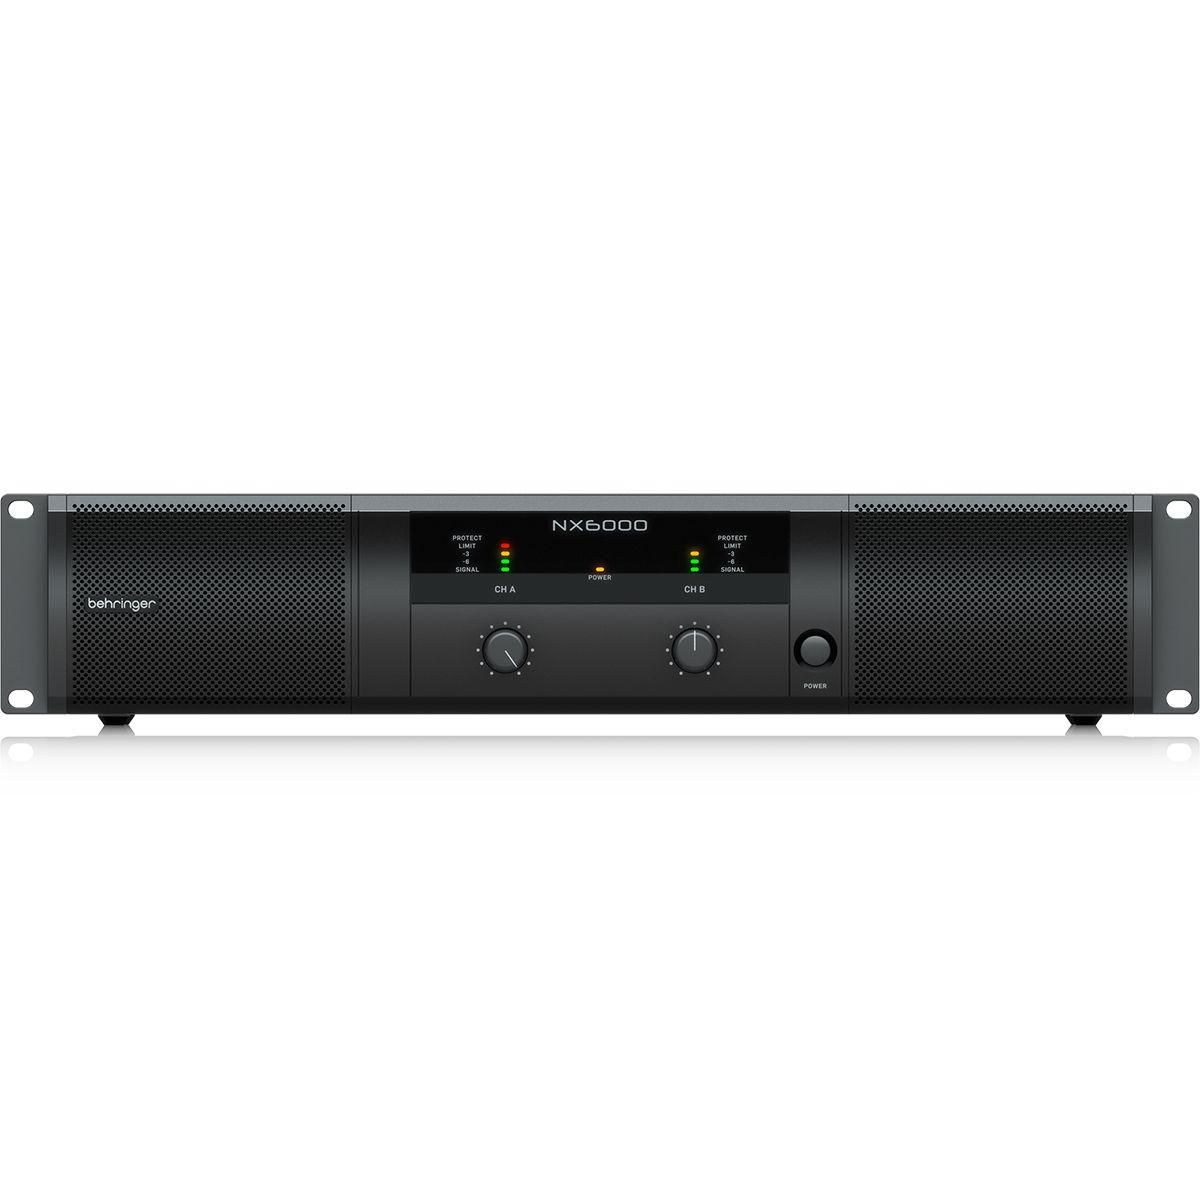 Amplificador de Potência Behringer NX6000 6000W 2 Canais